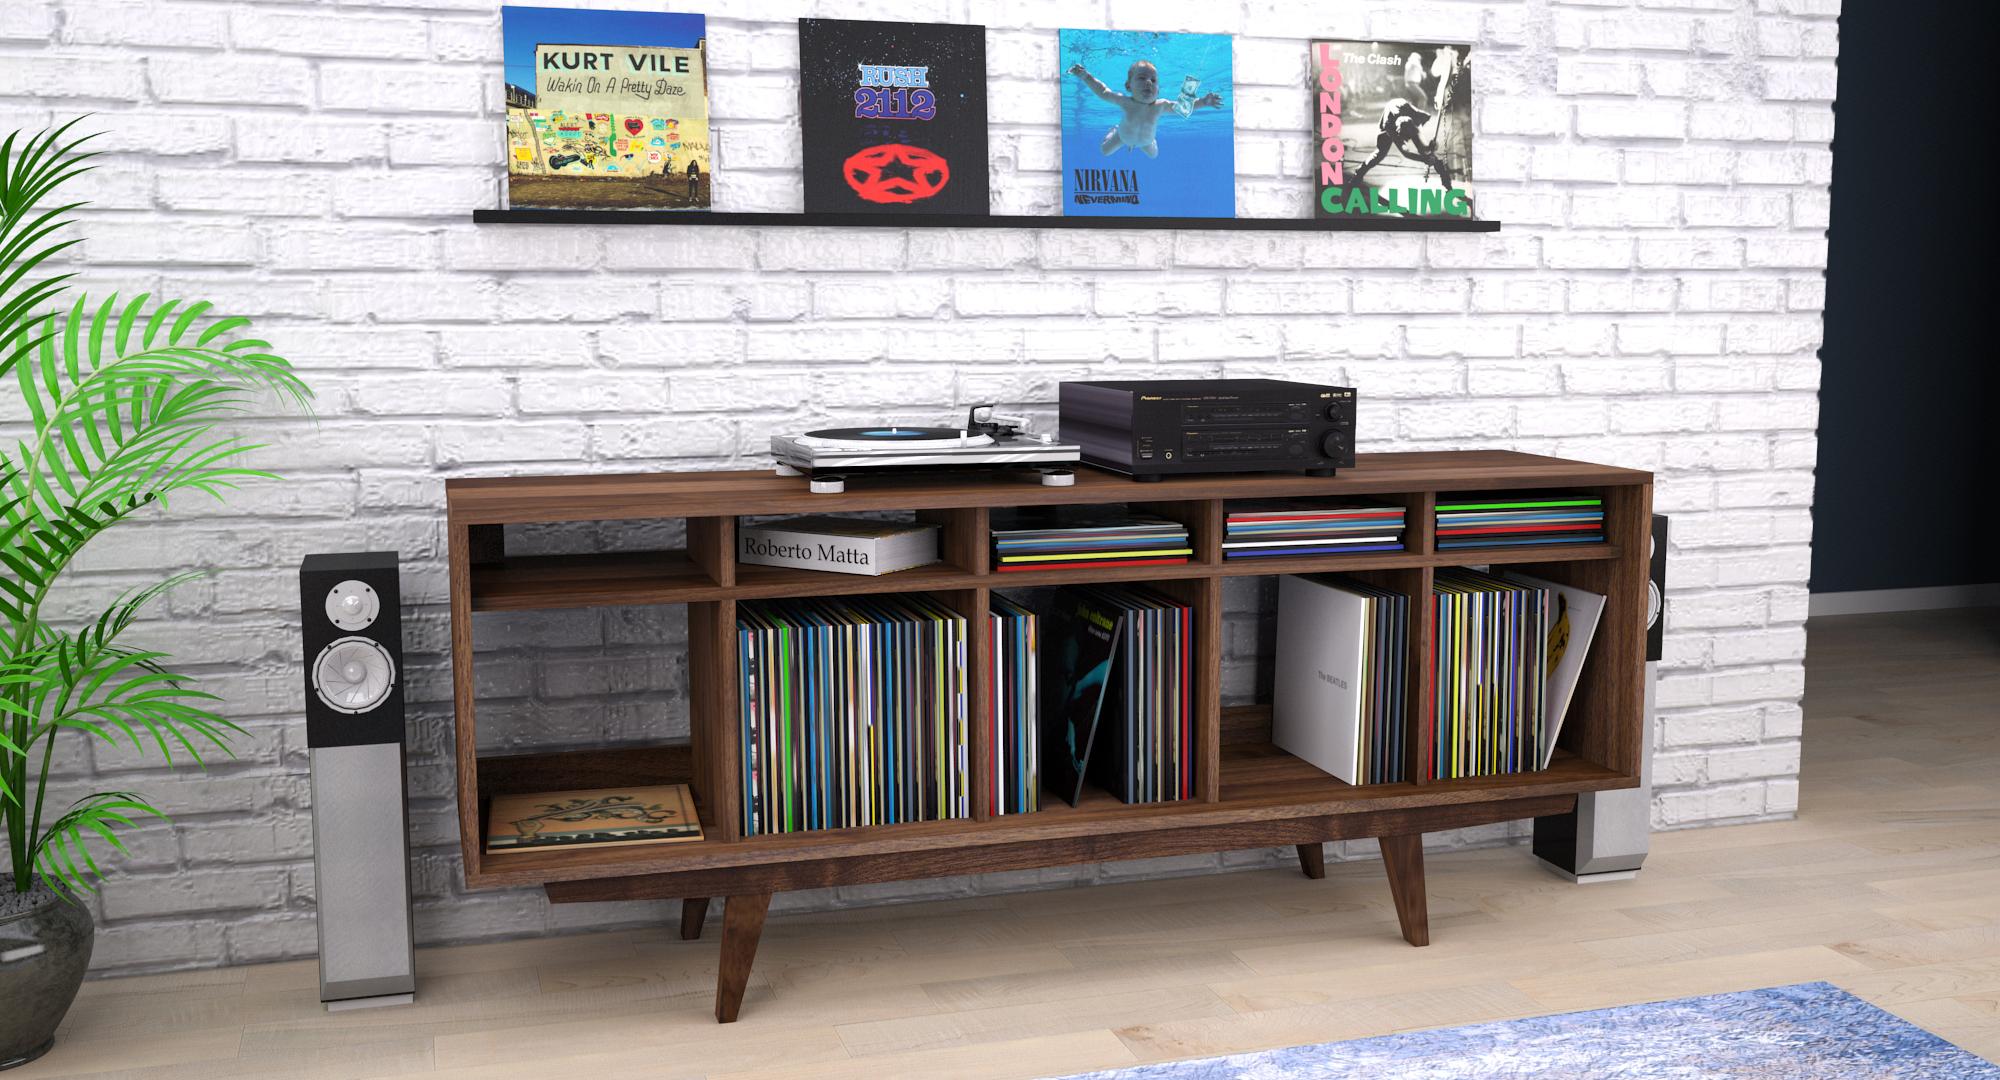 Vinilo credenza/sideboard - Shelves & Storage